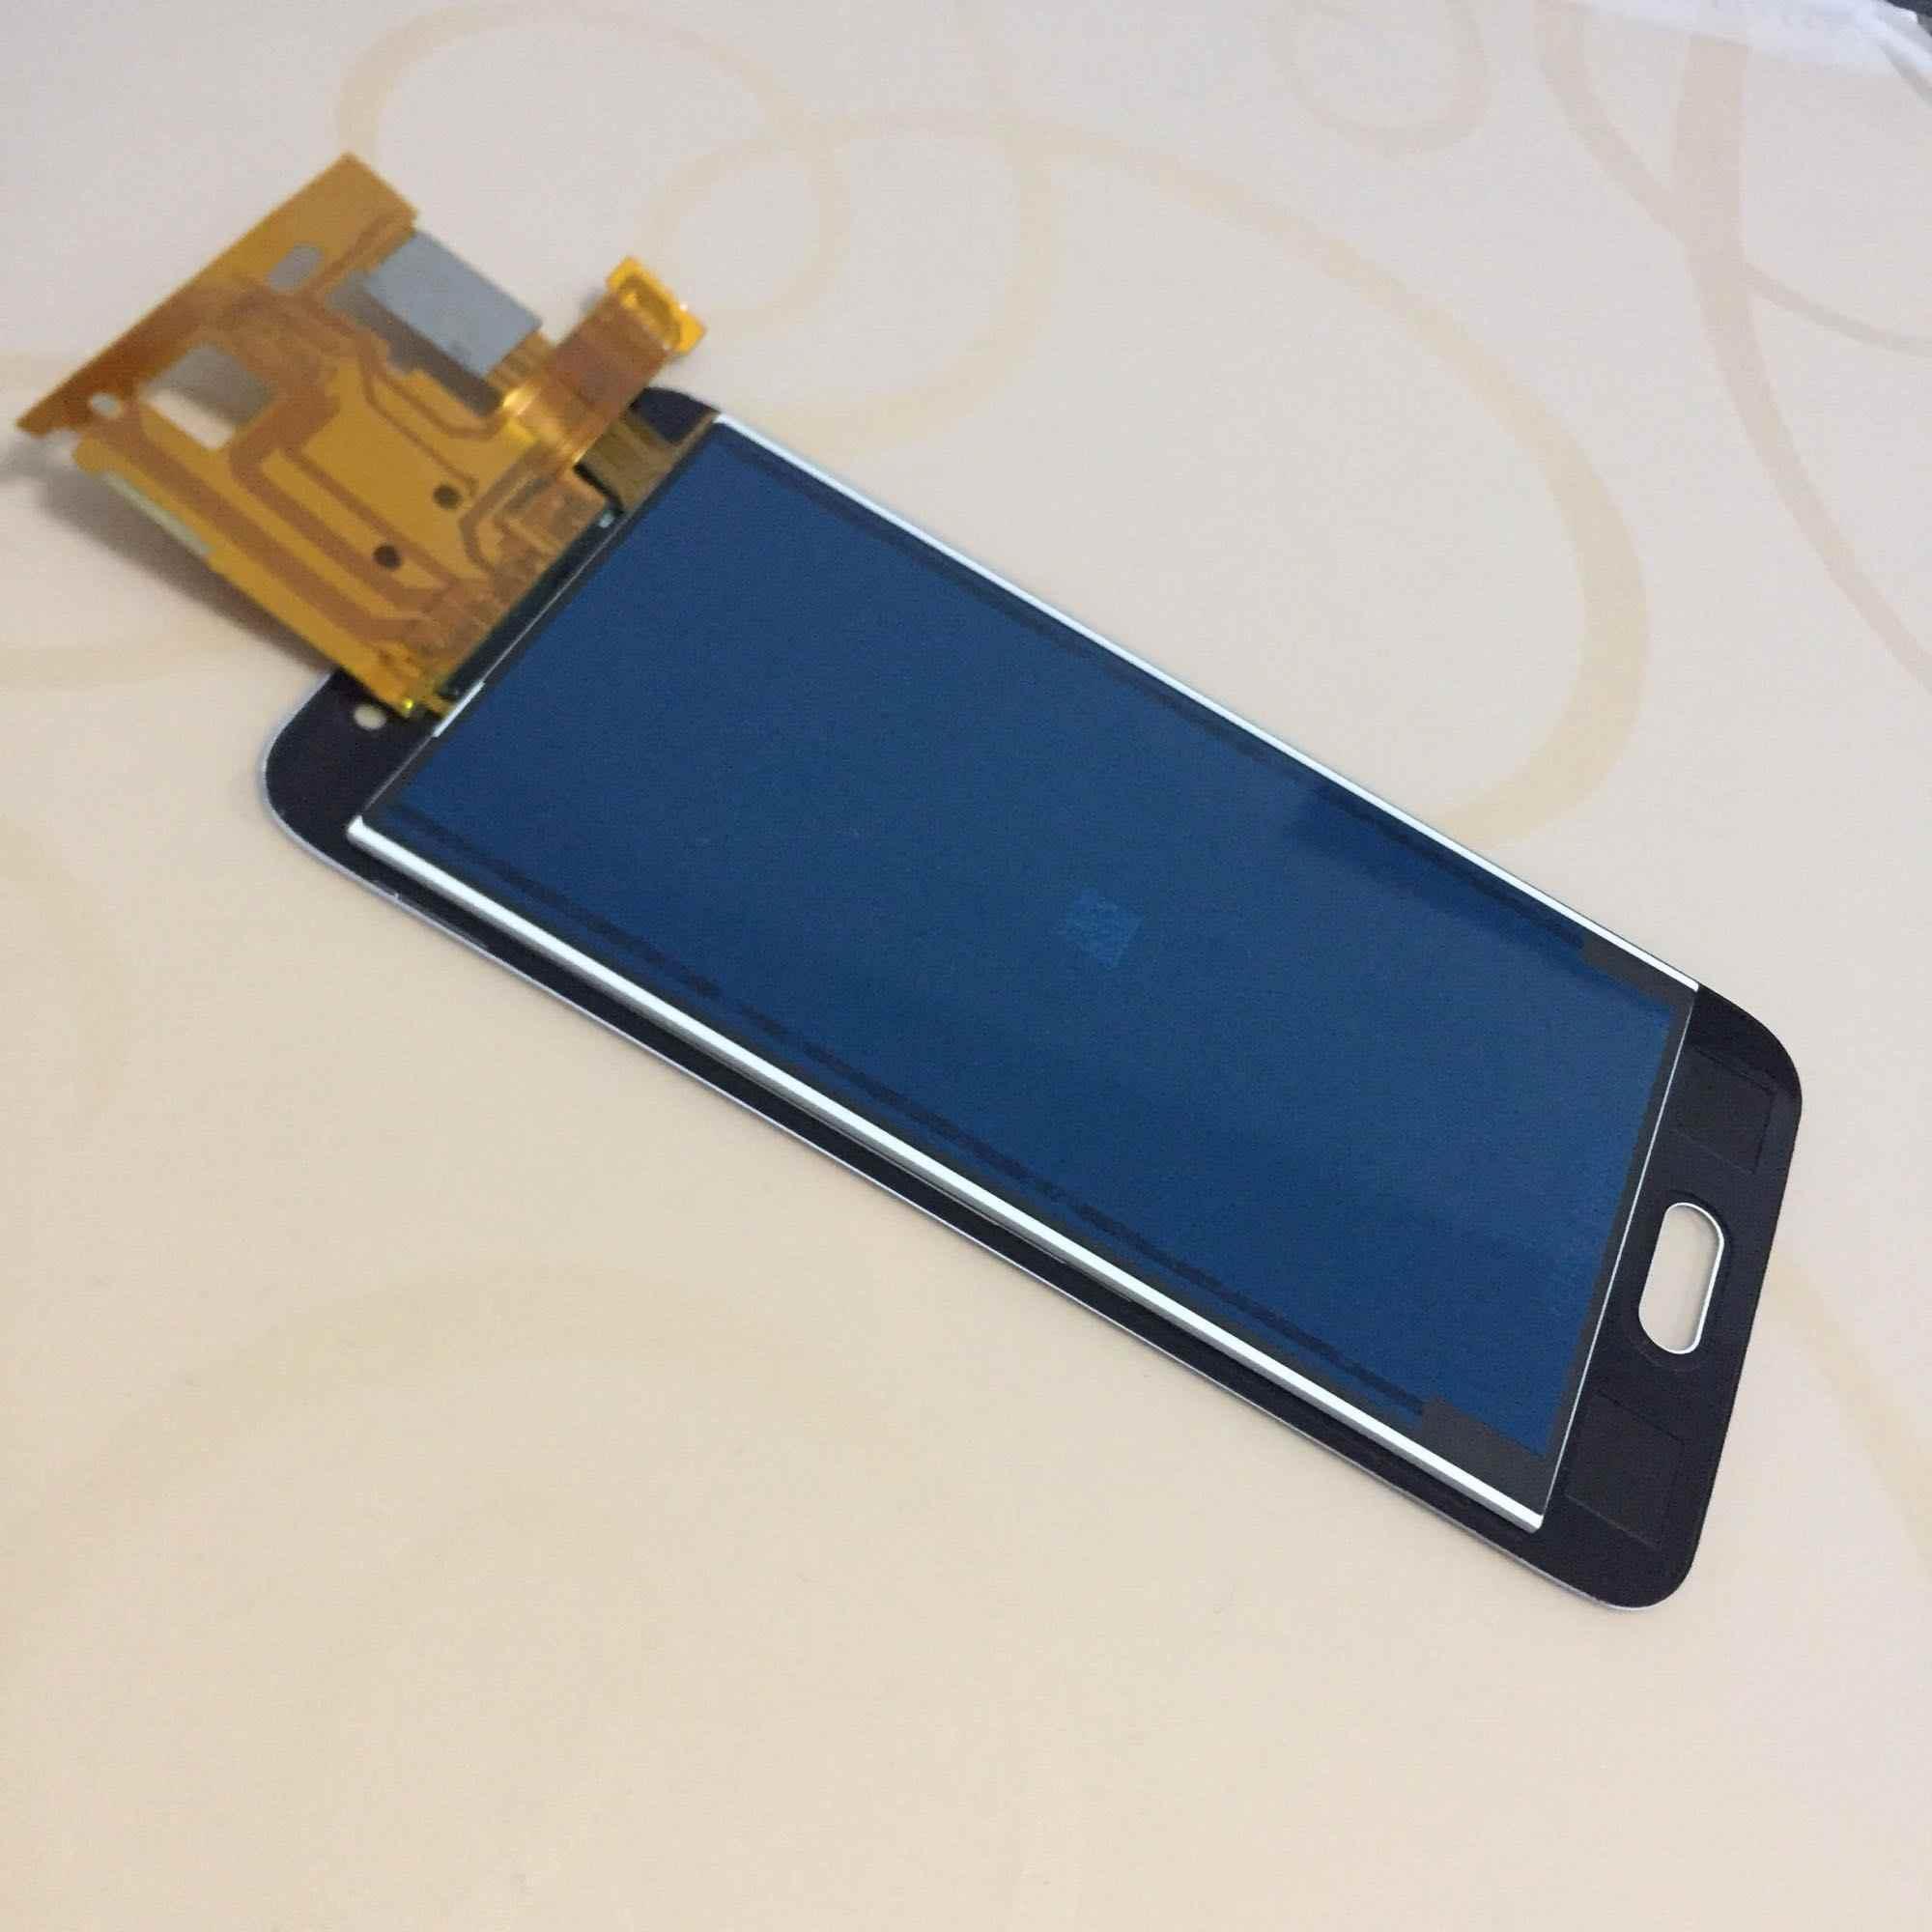 """3 لون 4.3 """"لسامسونج غالاكسي J1 J120 J120F J120M J120H محول الأرقام بشاشة تعمل بلمس + جهاز مراقبة بشاشة إل سي دي تجميع + أدوات مجانية"""